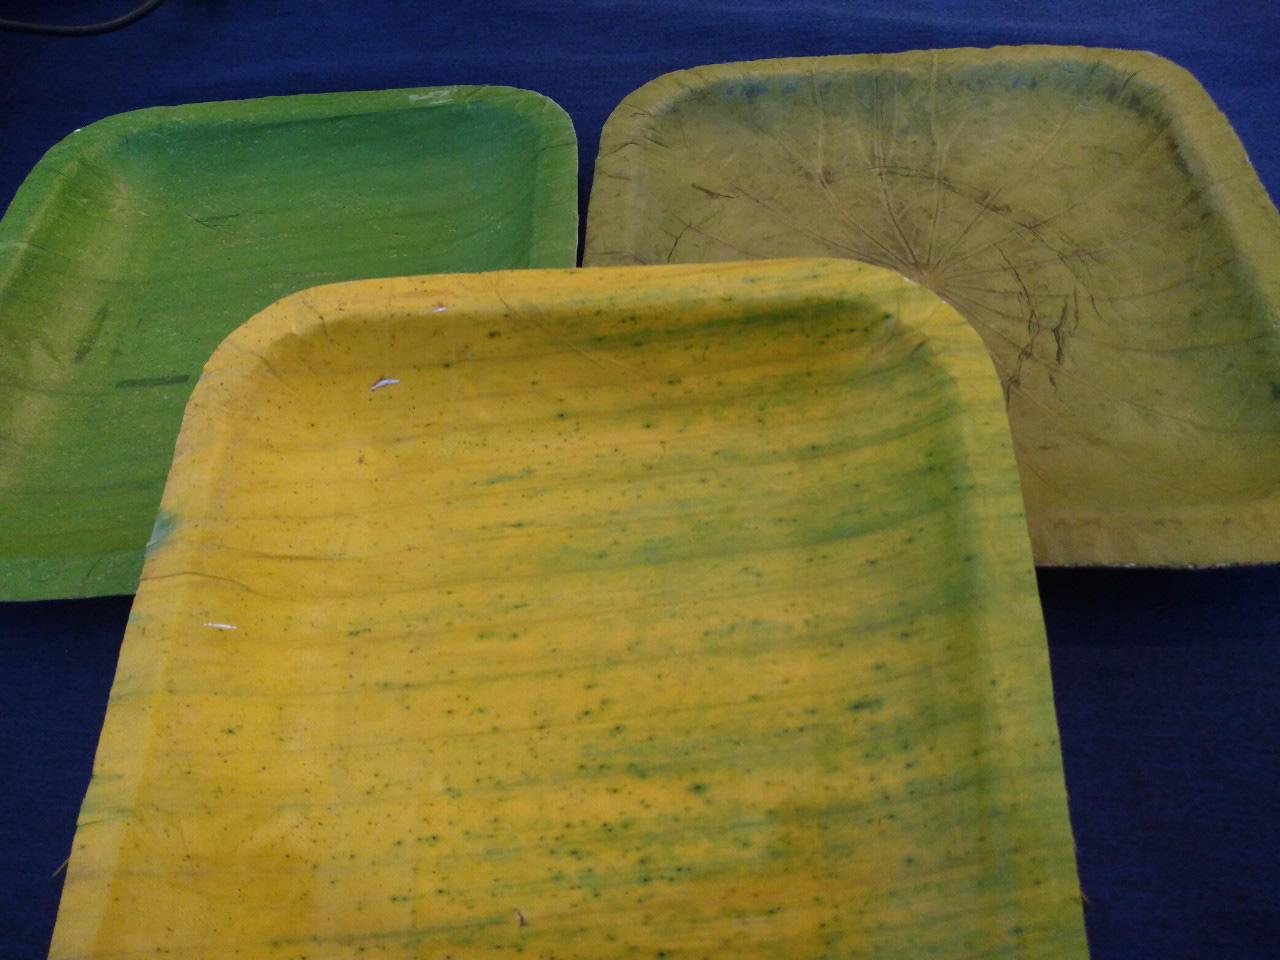 Làm chén, đĩa từ chuối, dùng thoải mái, 45 ngày tự phân hủy - Ảnh 2.